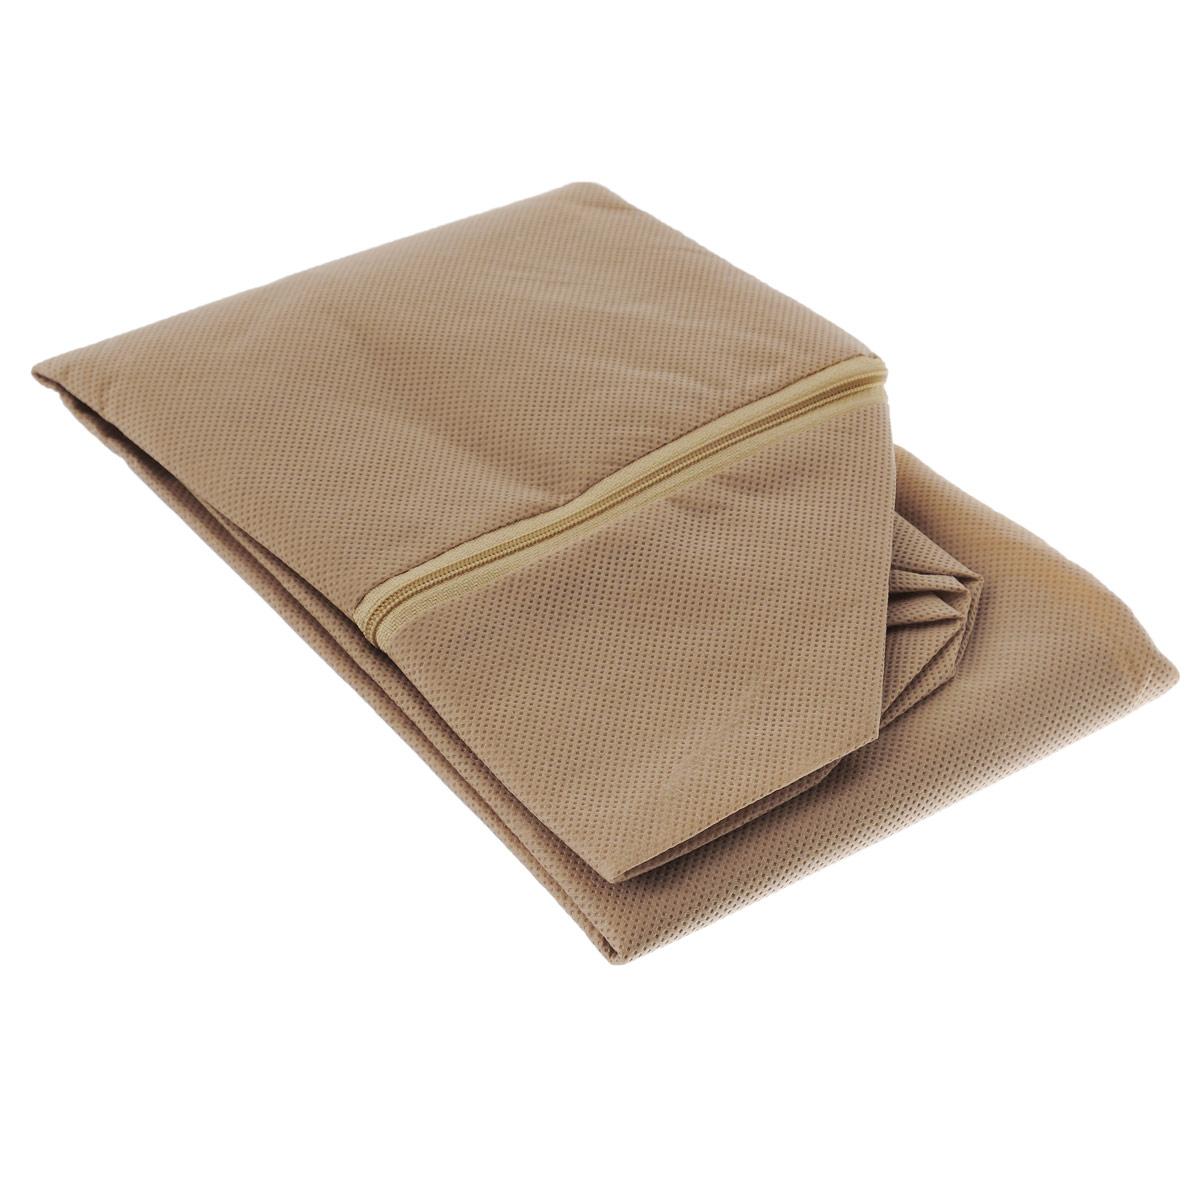 Чехол для хранения одеял Eva, цвет: бежевый, 60 см х 40 см х 20 смRG-D31SЧехол Eva изготовлен из ППР и ПВХ и предназначен для хранения одеял. Нетканый материал чехла пропускает воздух, что позволяет изделиям дышать. Это особенно необходимо для изделий из натуральных материалов. Благодаря такому чехлу, вещи не впитывают посторонние запахи. Застегивается на застежку-молнию.Материал: ППР, ПВХ.